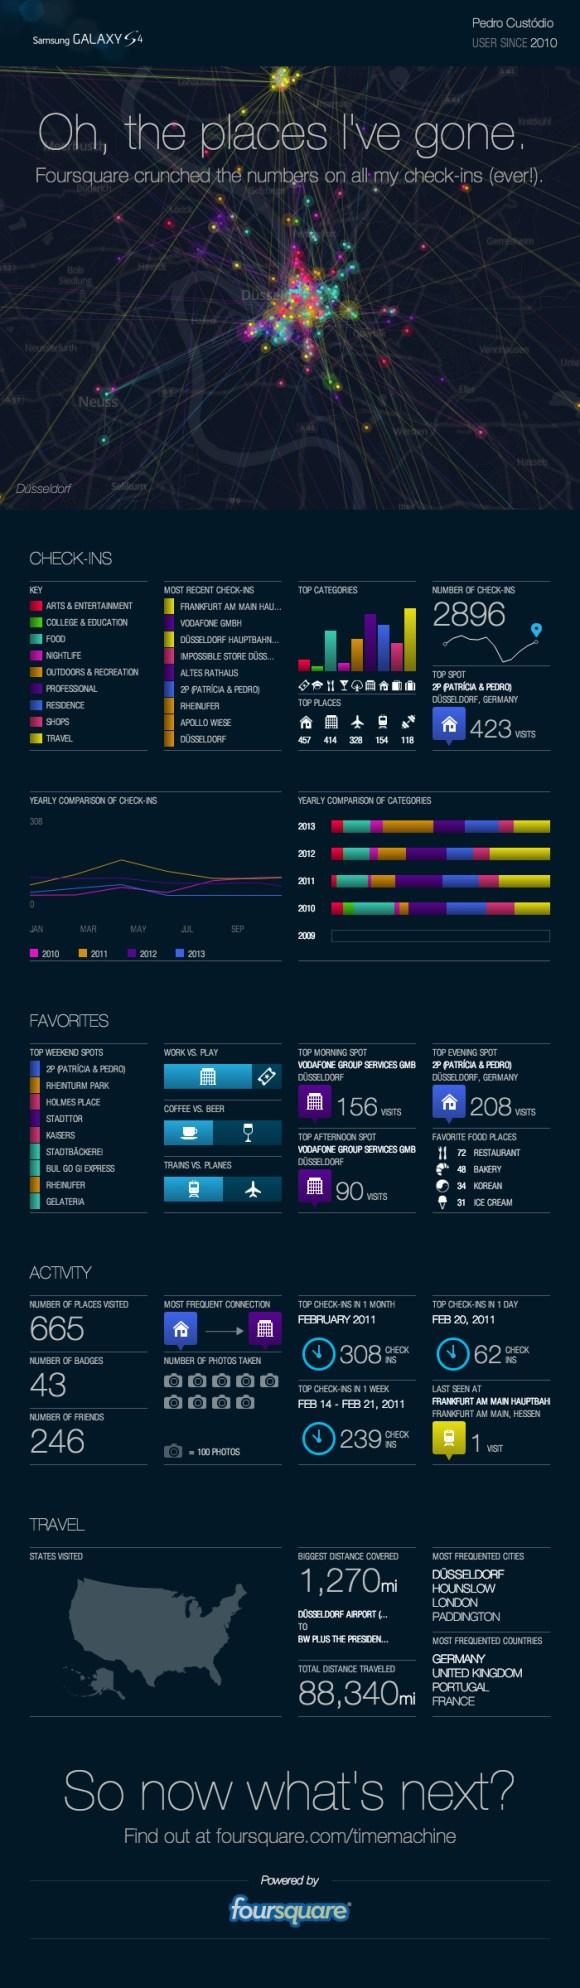 Foursquare History 2010 -